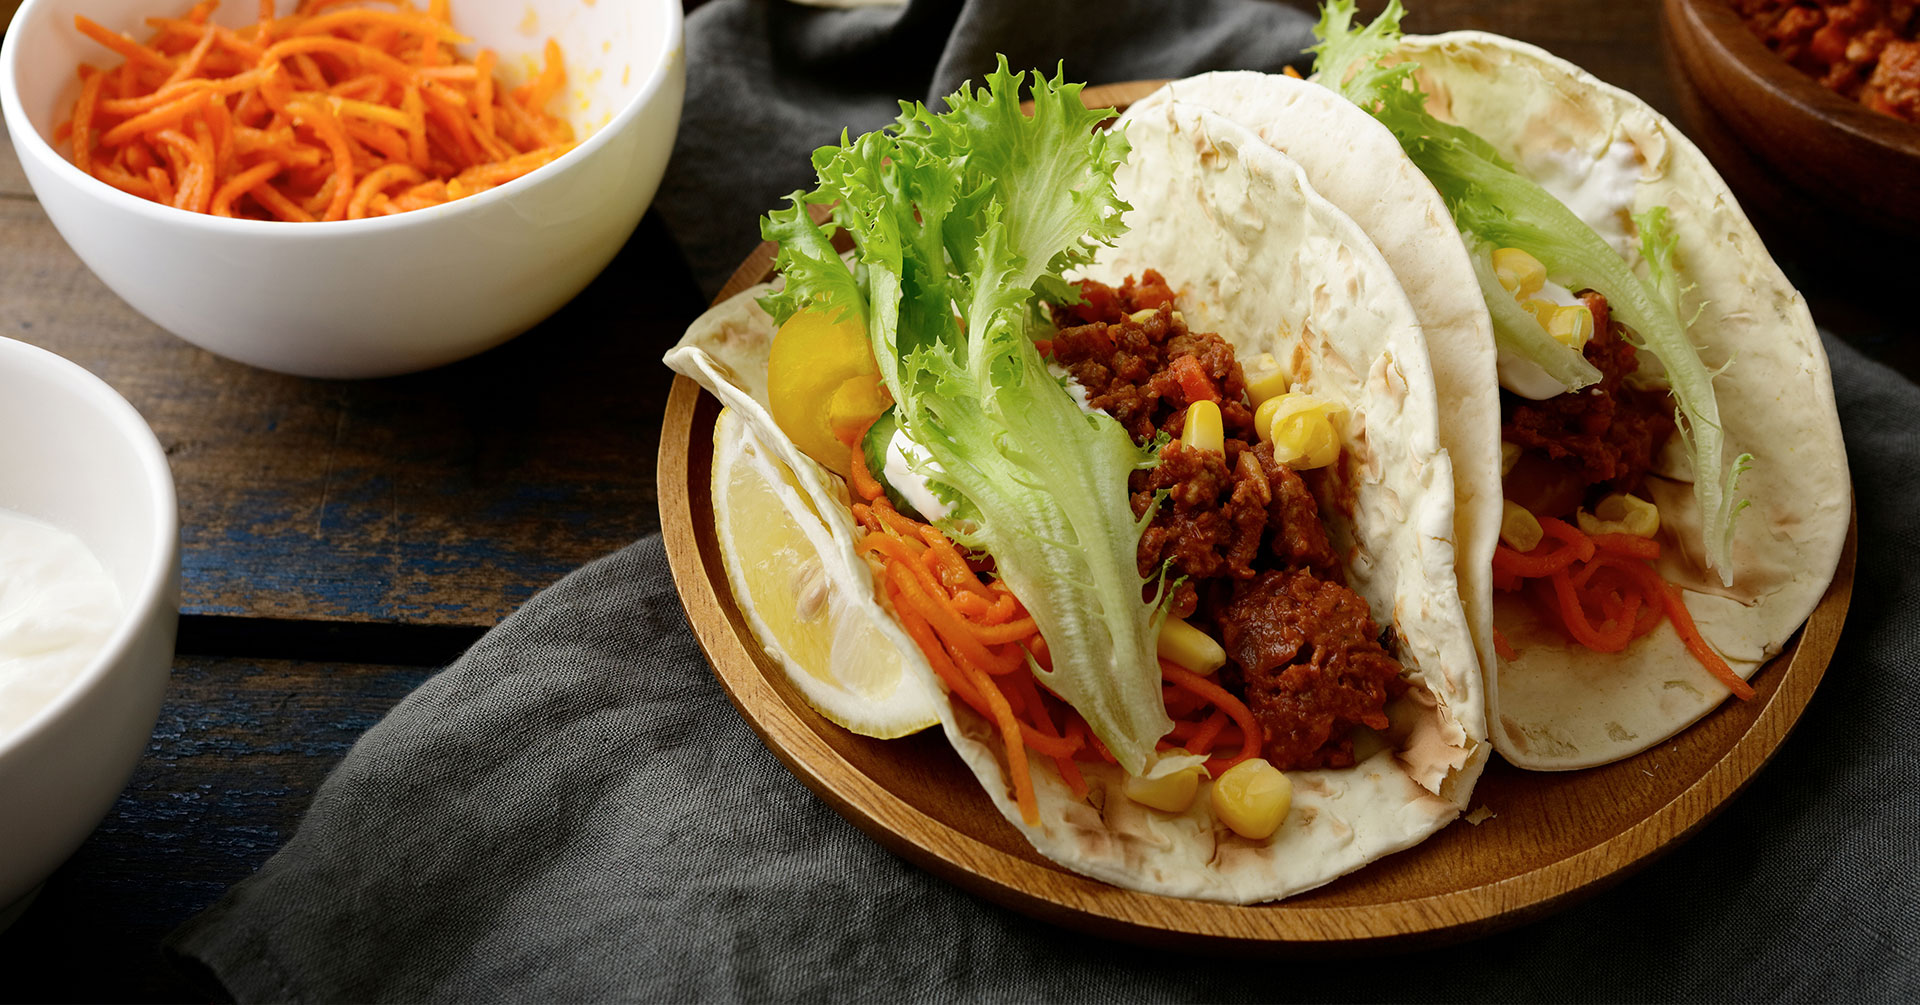 Tacos de zanahoria con harina de avena